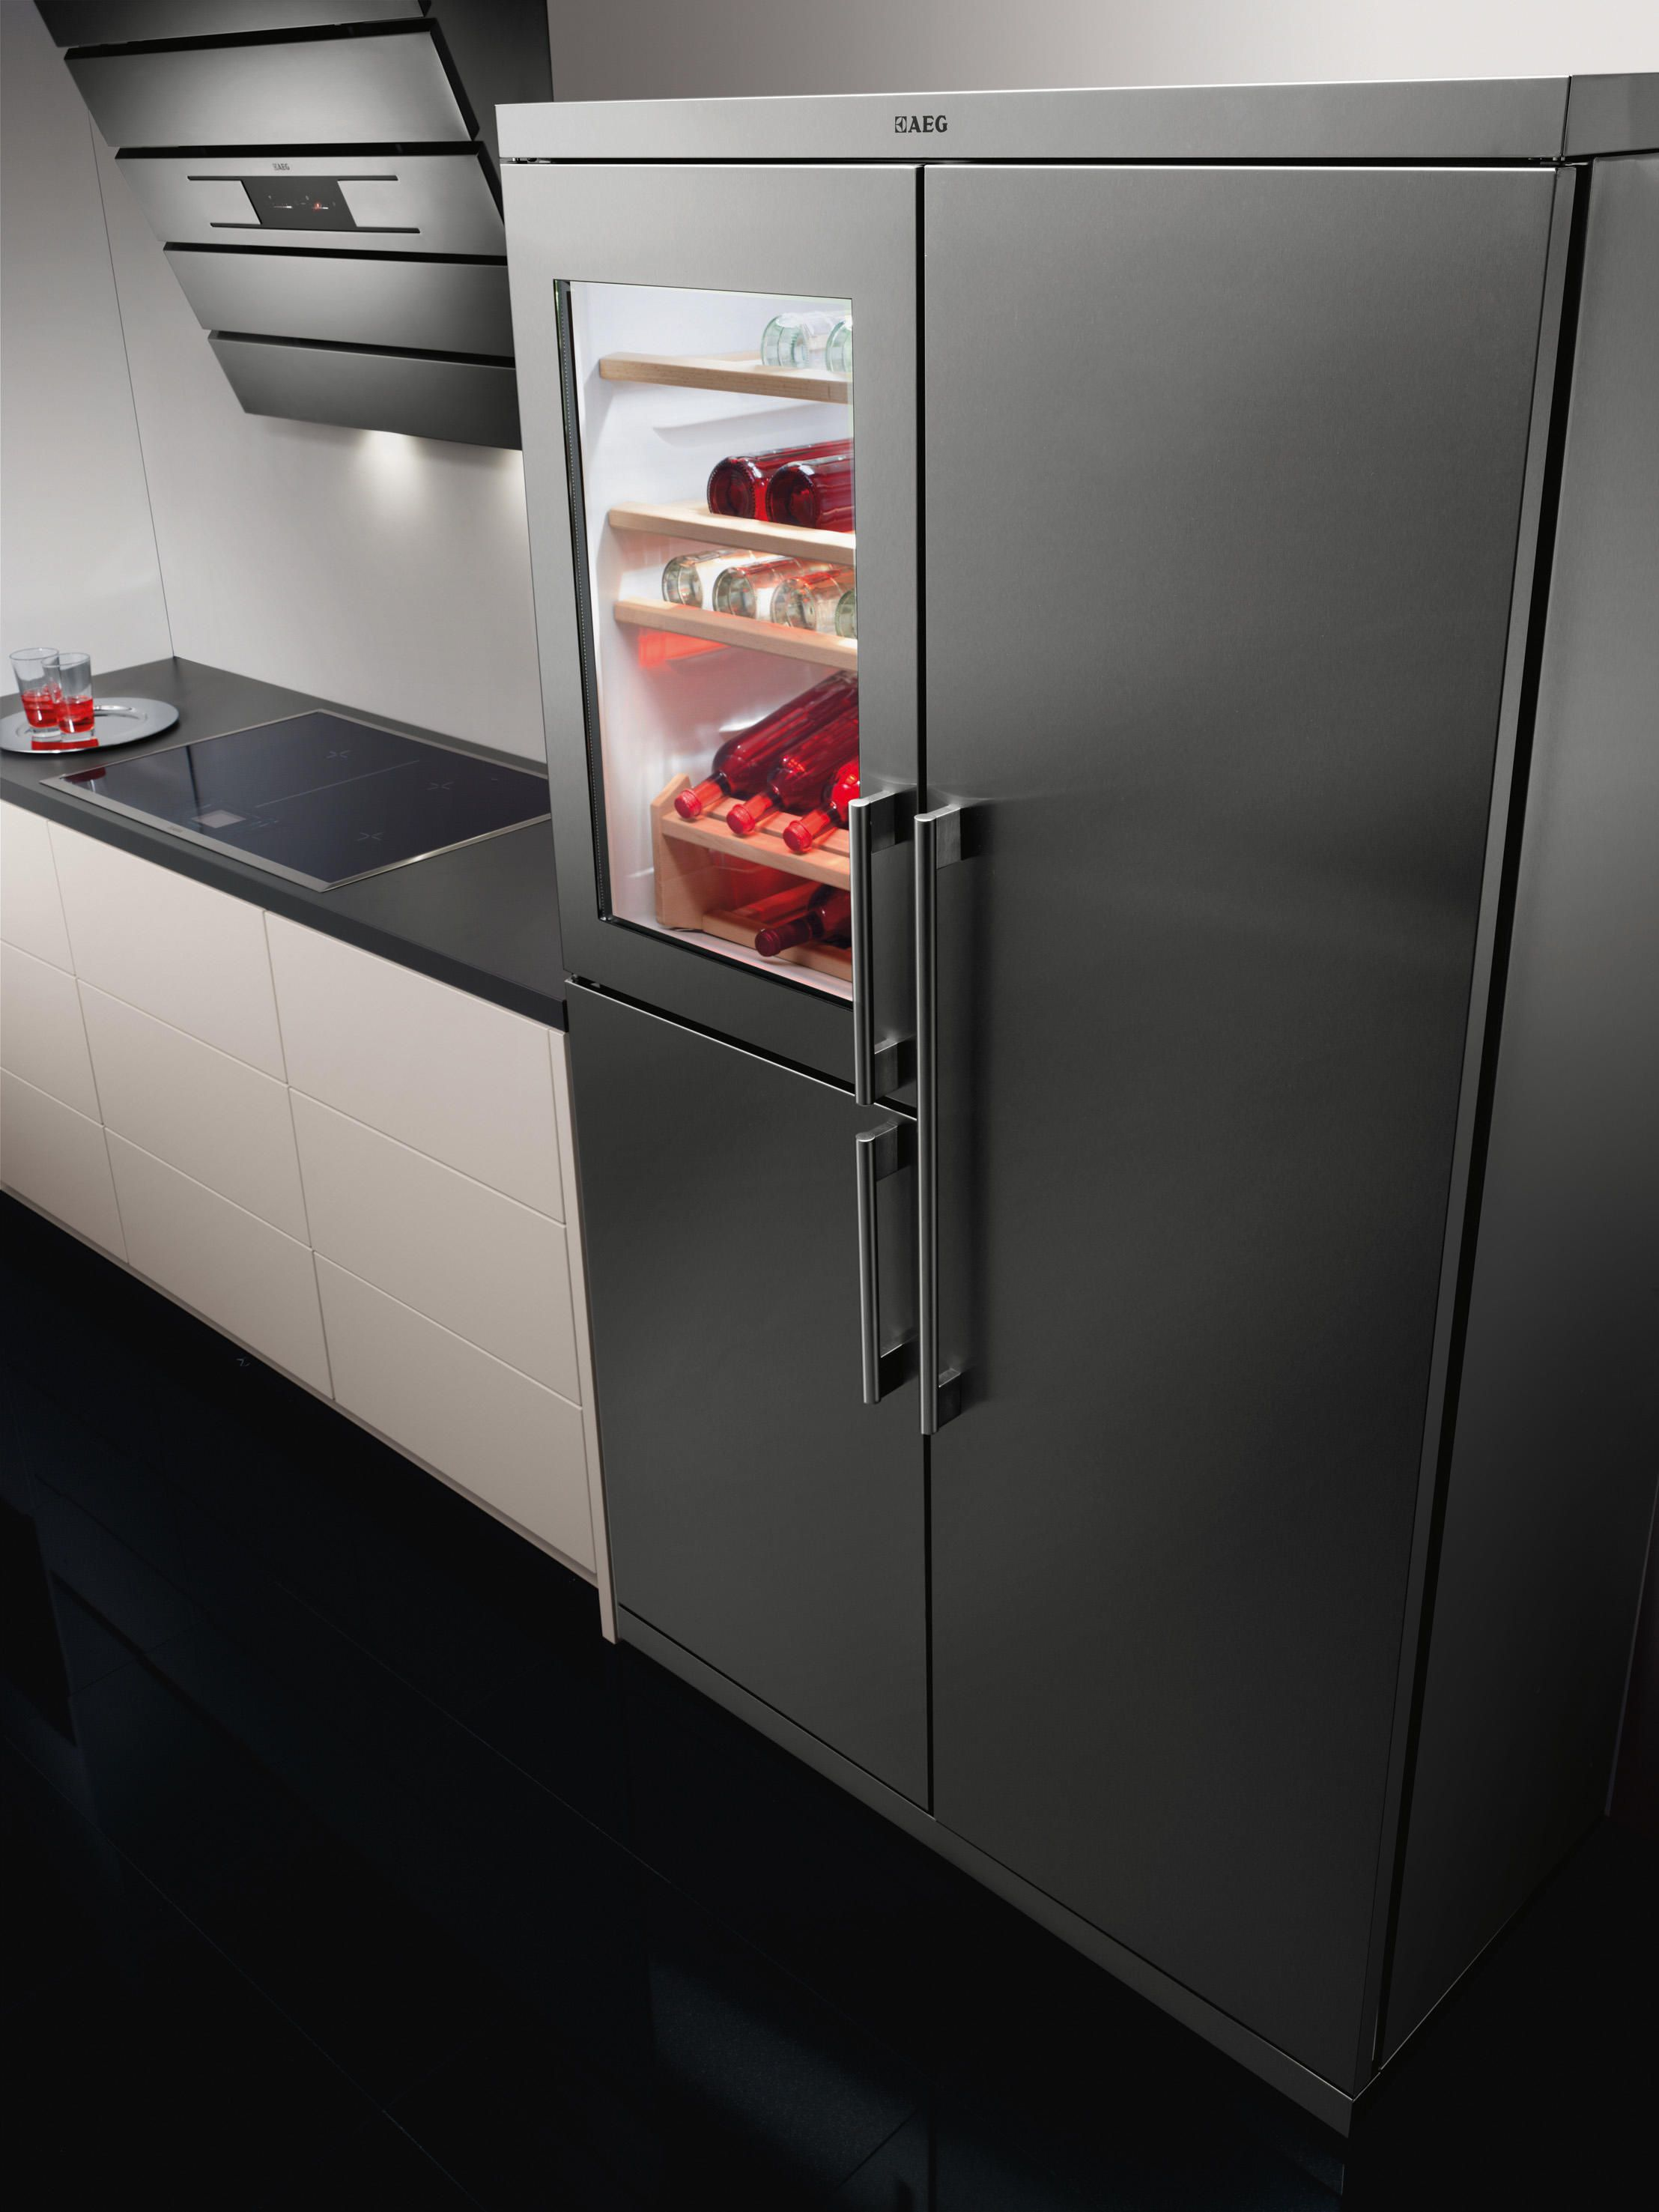 Billige Küchengeräte | Küche | Pinterest | Küchengerät und Küche